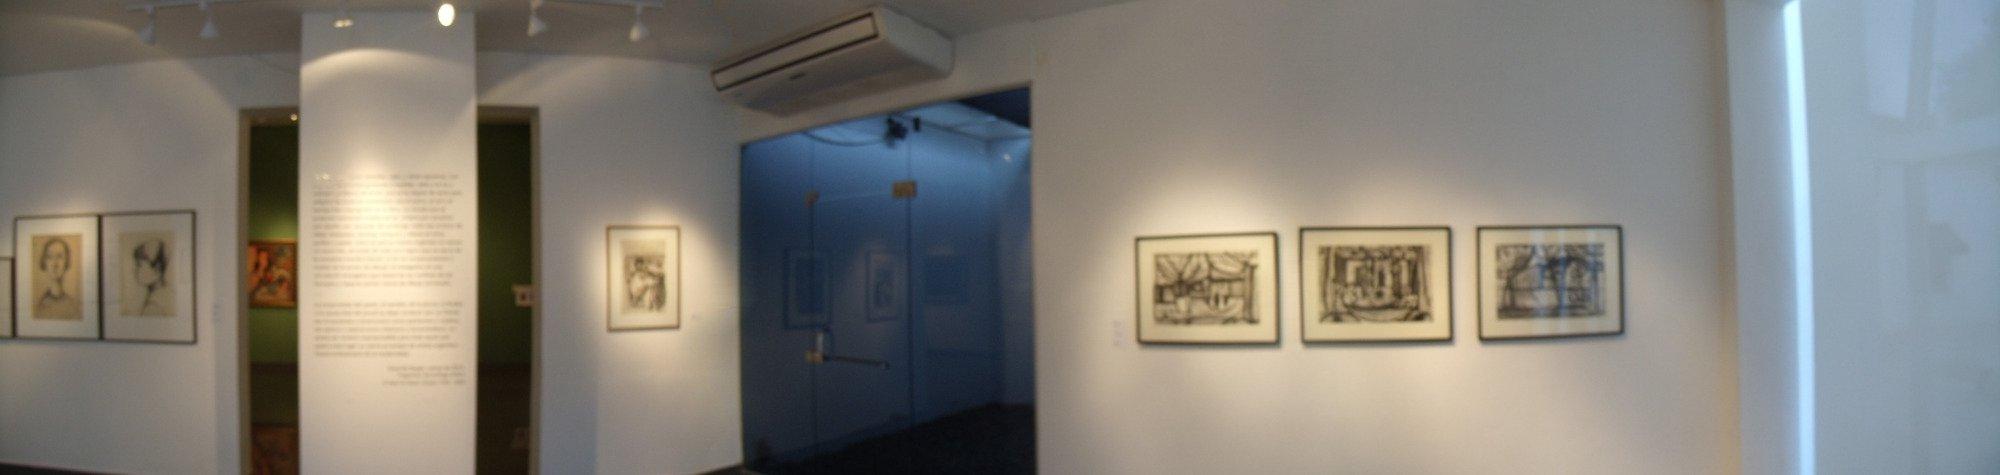 Museo de Bellas Artes Octavio de la Colina